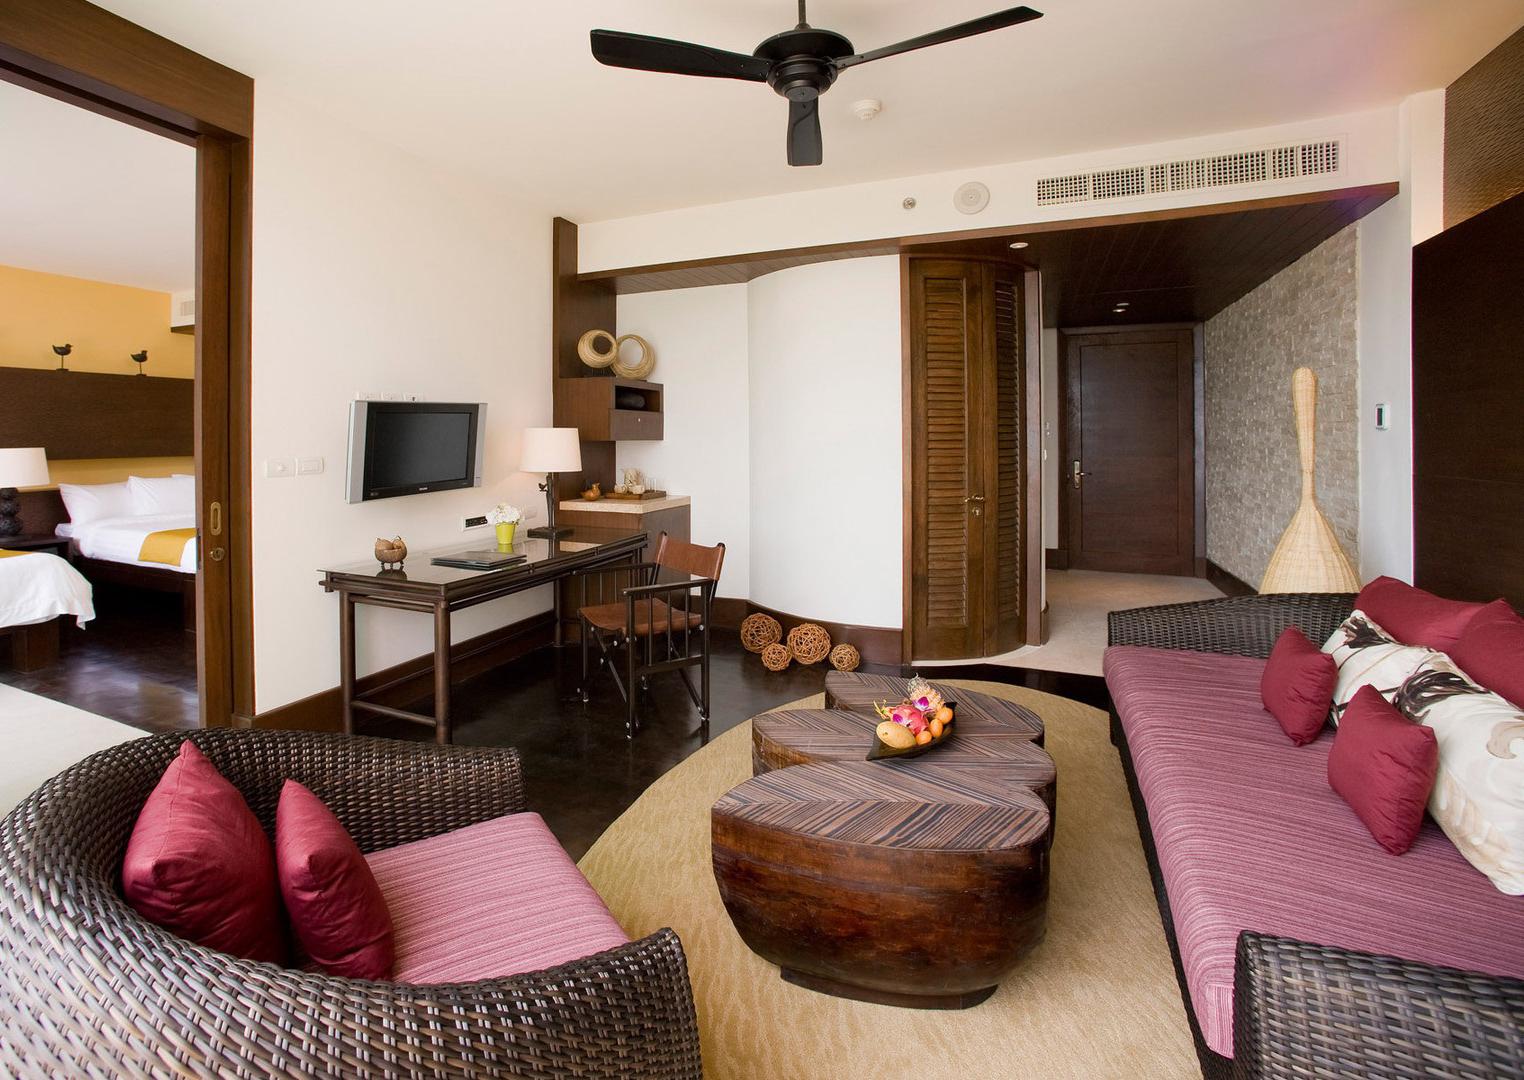 Плетеная мебель и деревянный журнальный столик в гостиной